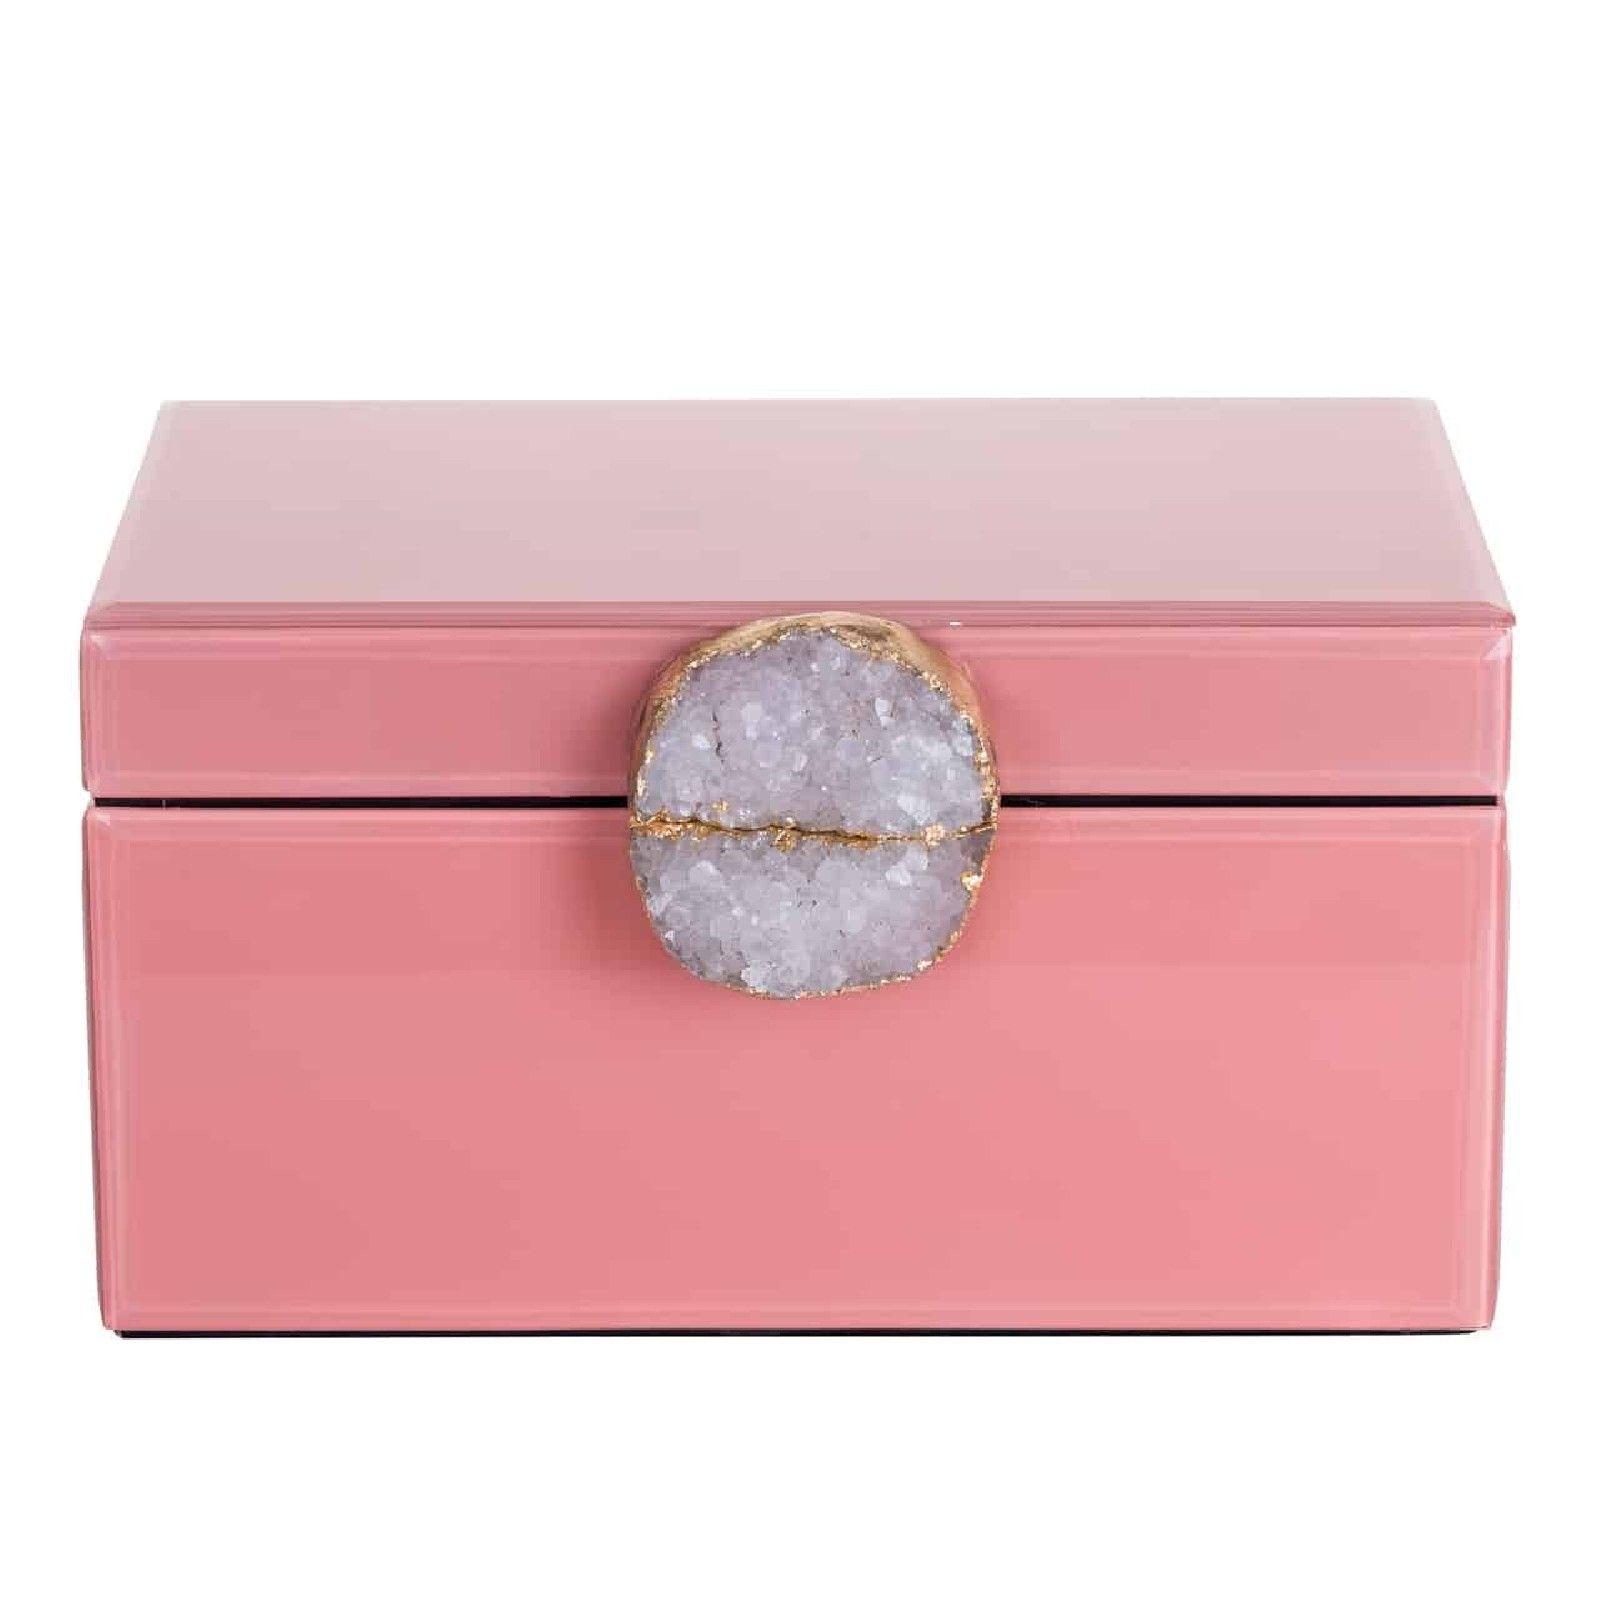 Boîte à bijoux Maisie rose Boîtes décoratives - 43